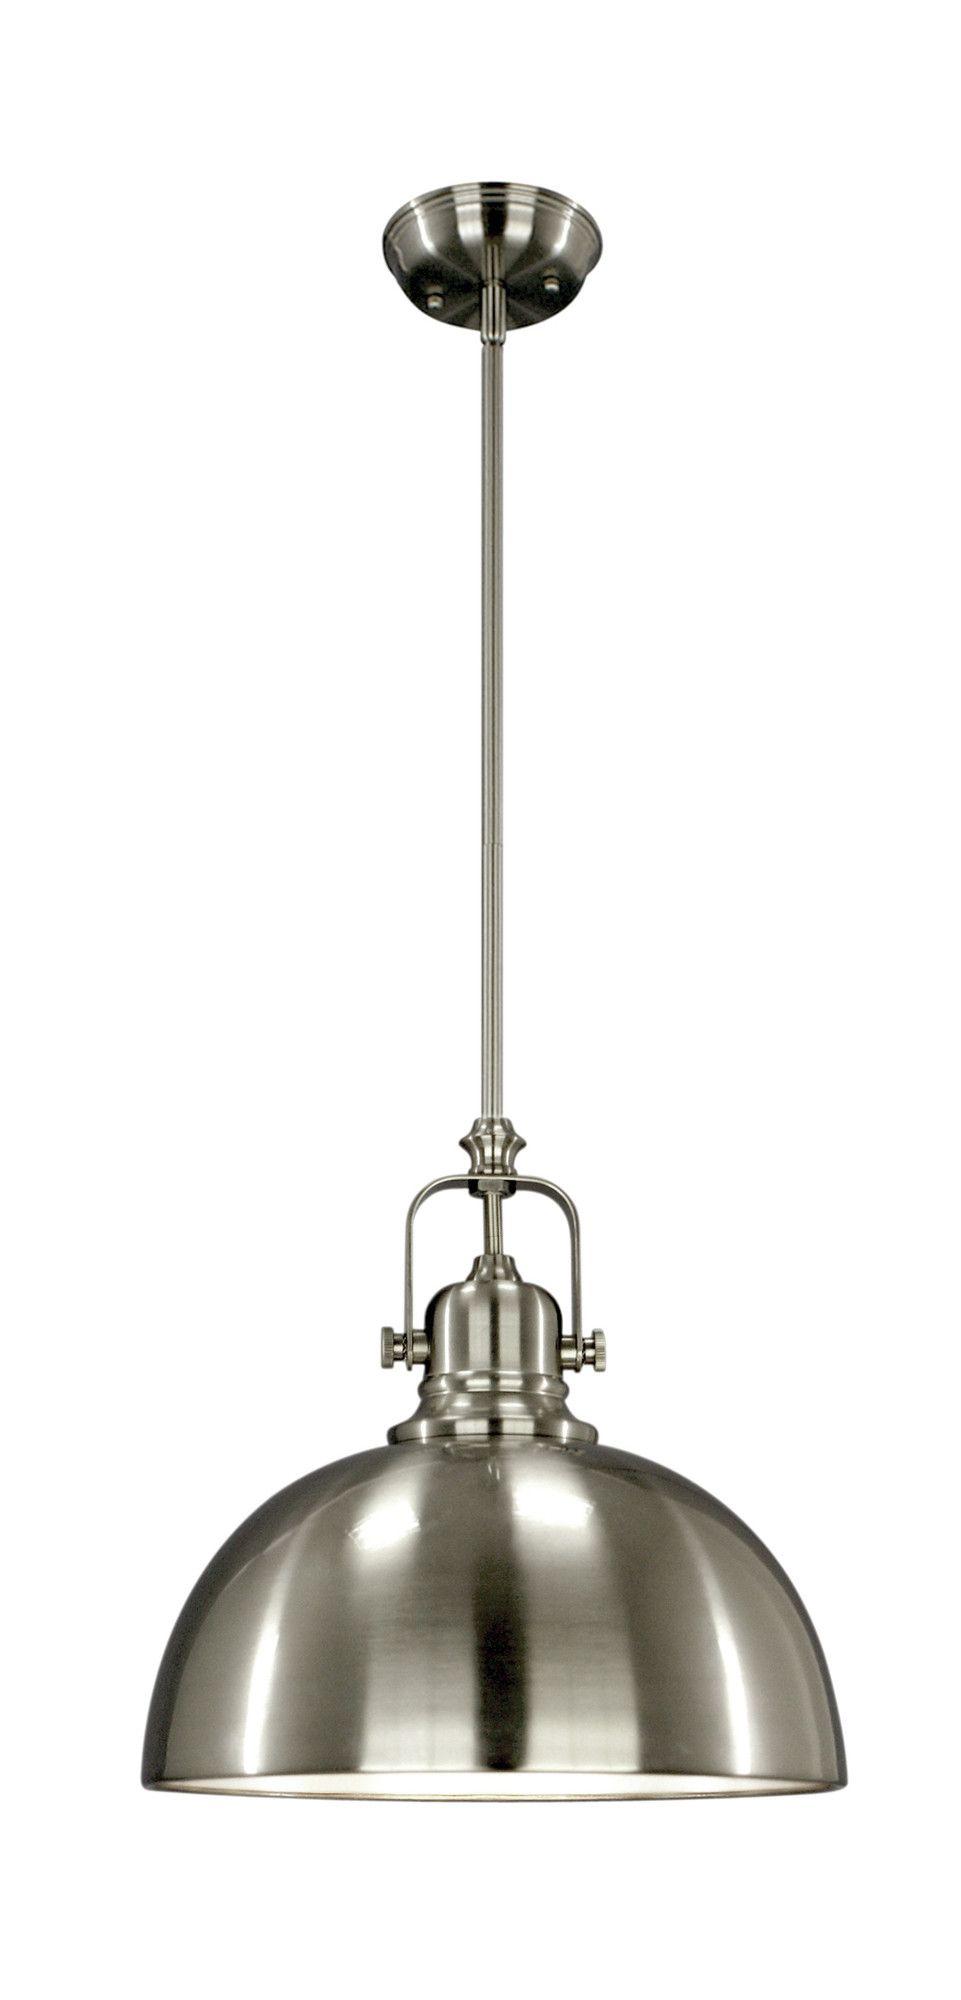 Industrial Pendant Light Fixture In Brushed Nickel Or Bronze 67